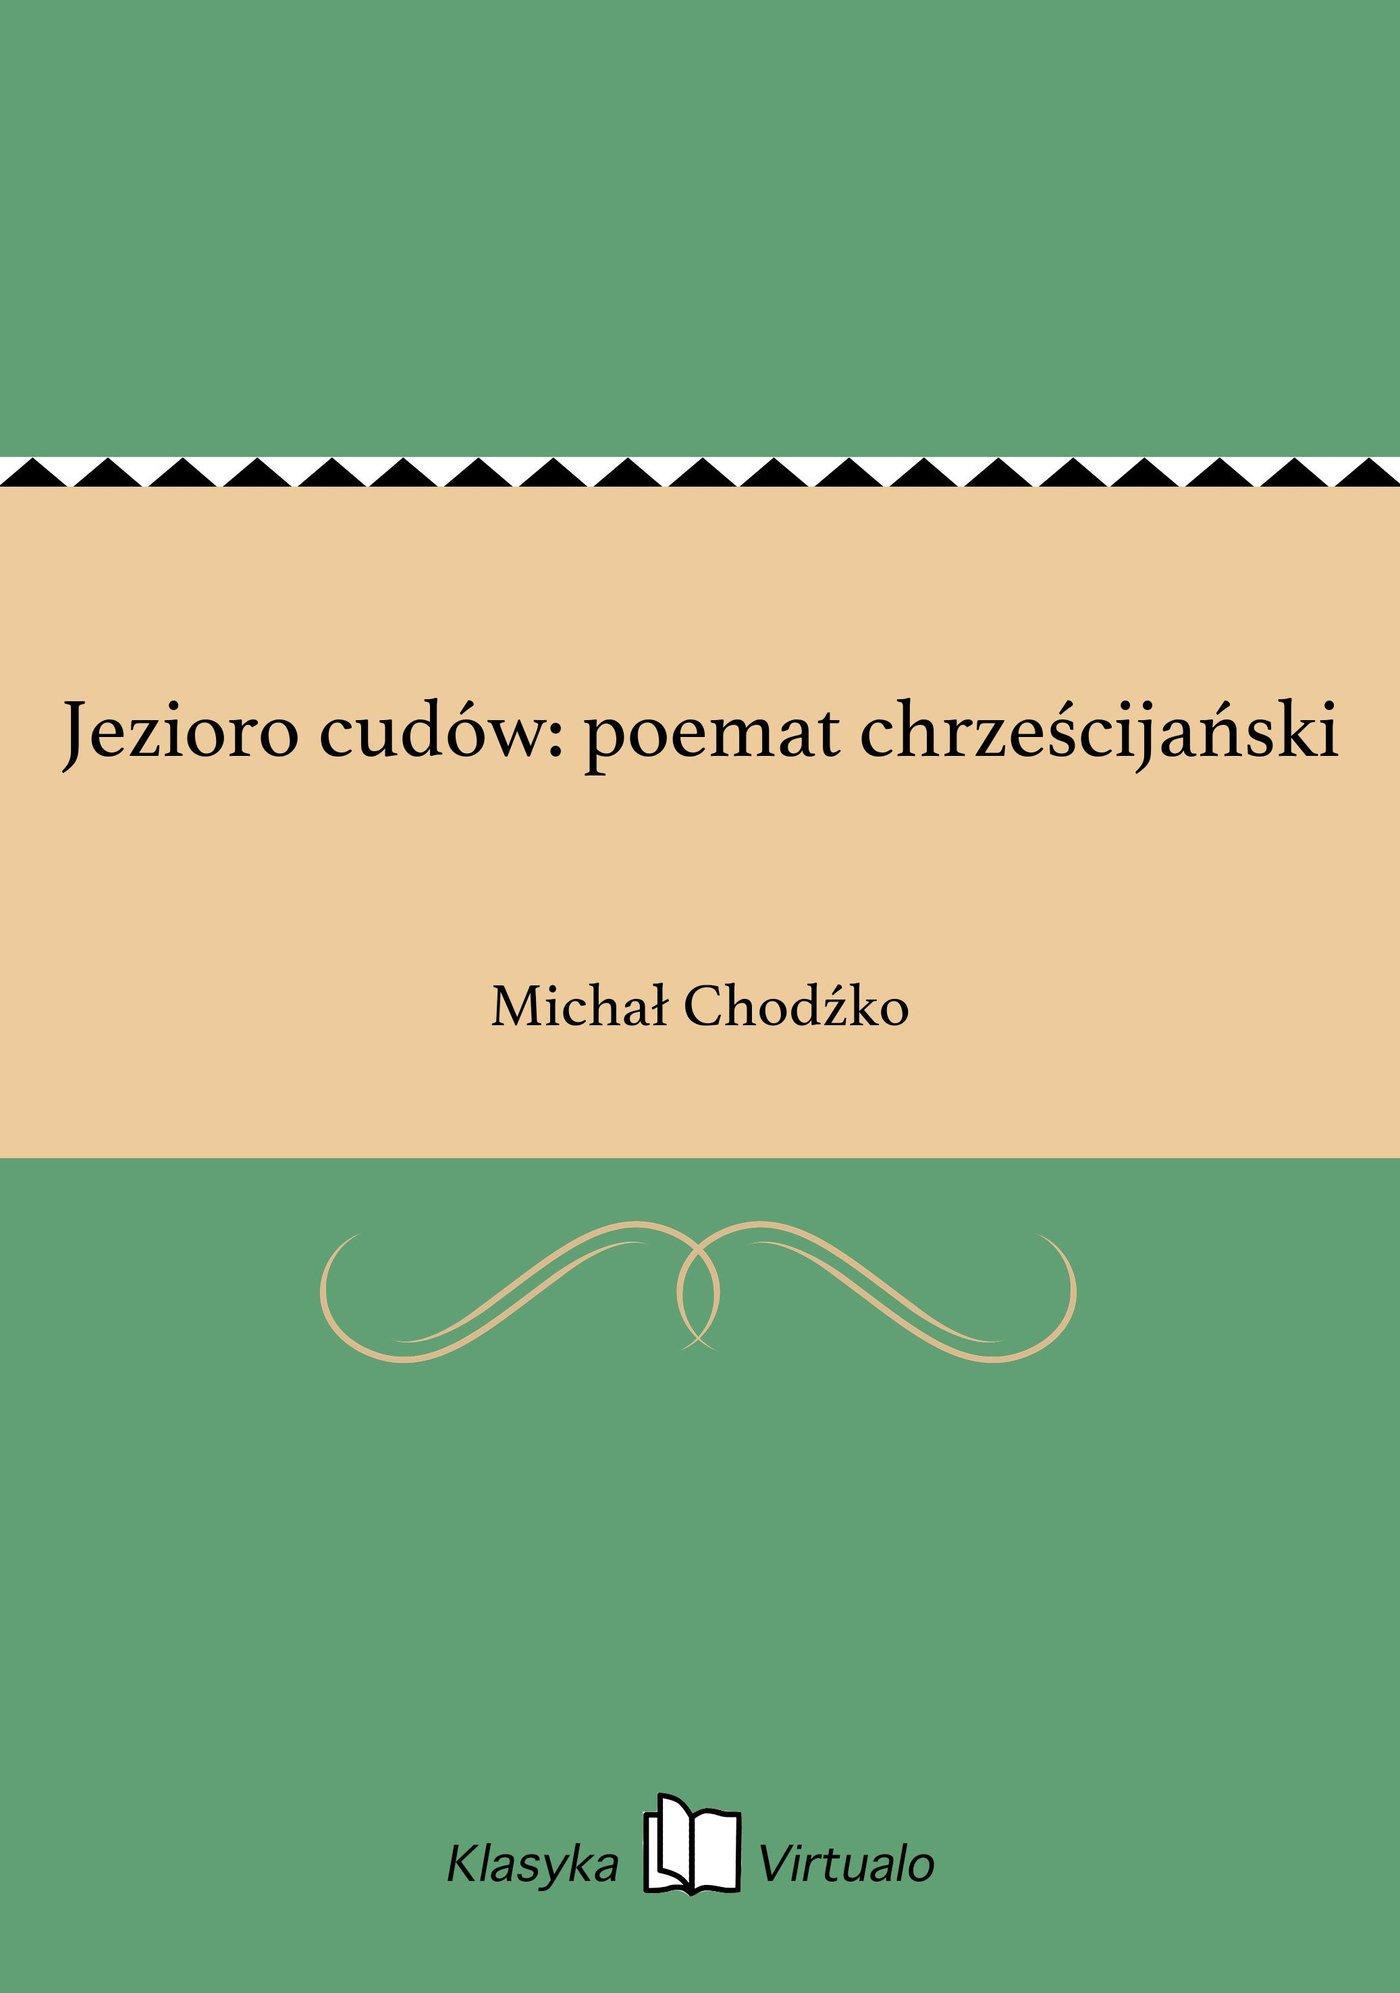 Jezioro cudów: poemat chrześcijański - Ebook (Książka na Kindle) do pobrania w formacie MOBI